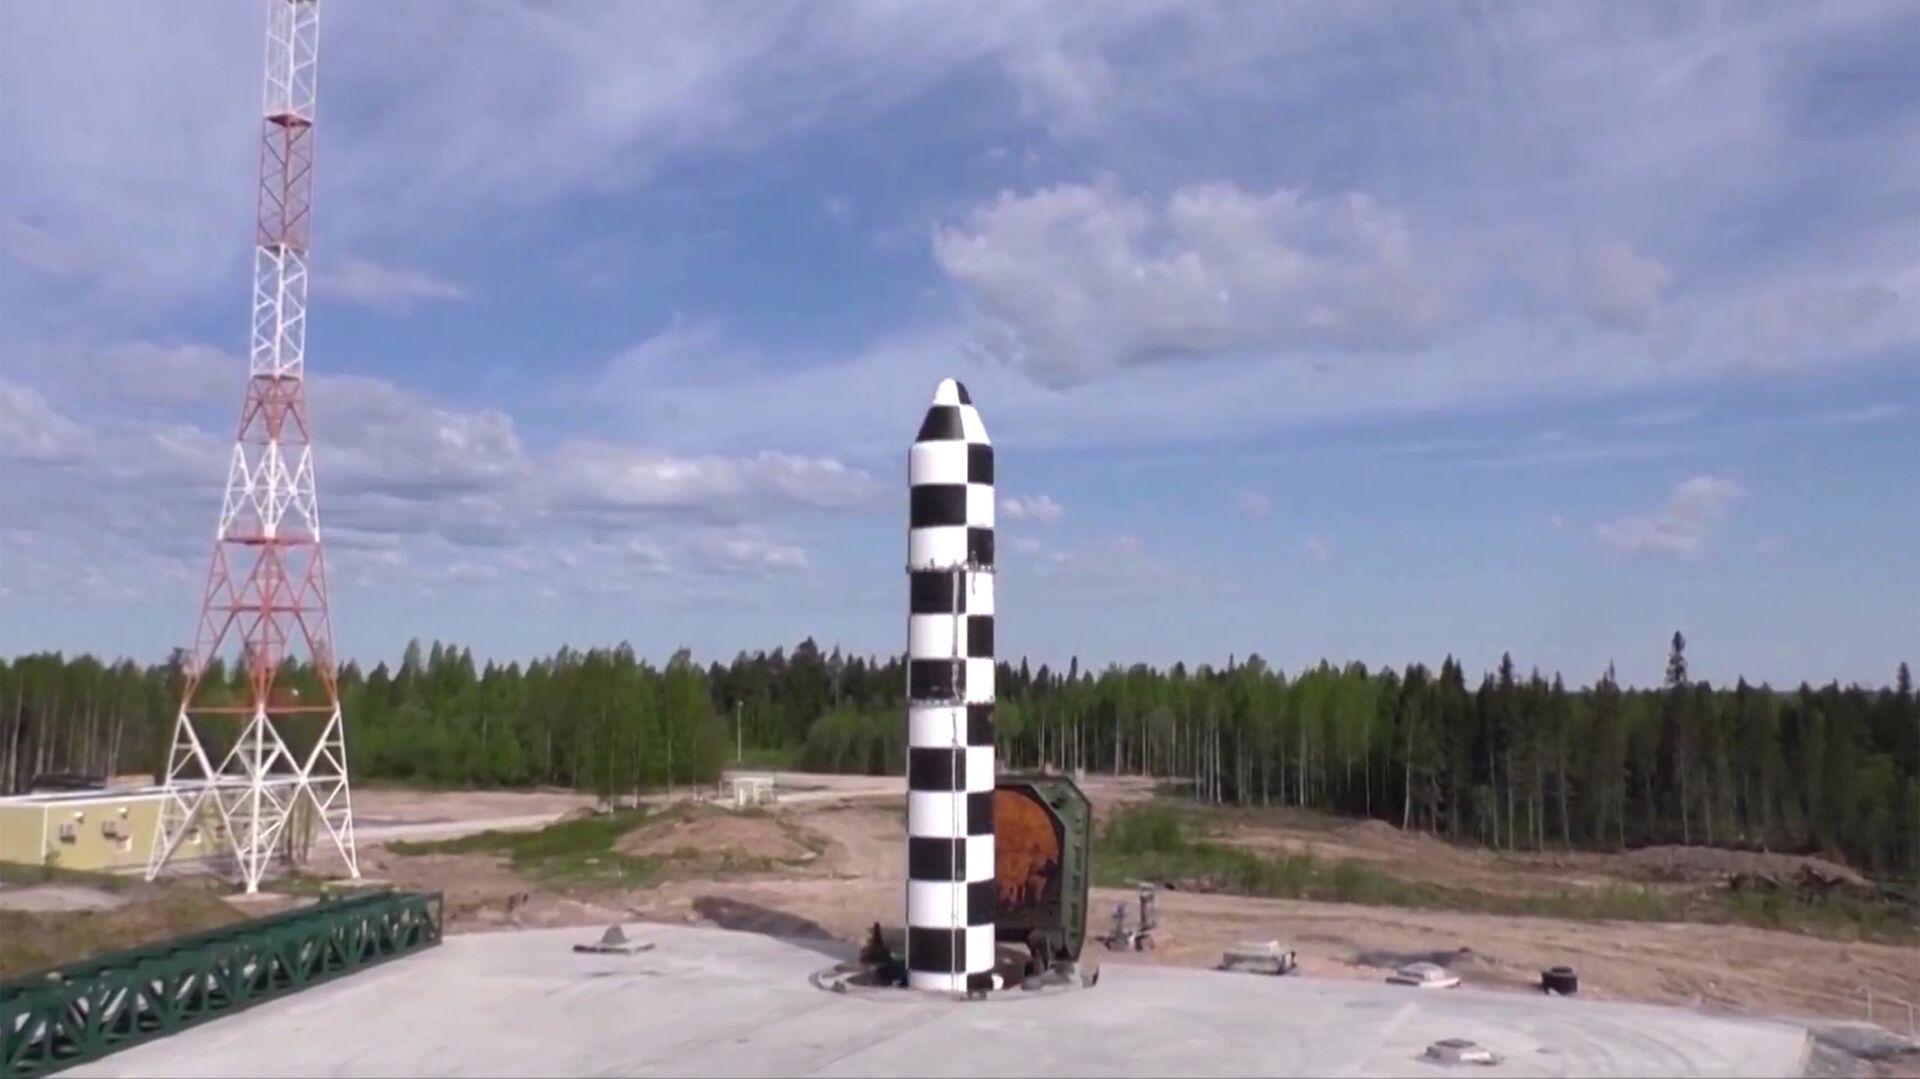 Испытание новой баллистической ракеты Сармат - РИА Новости, 1920, 03.12.2020